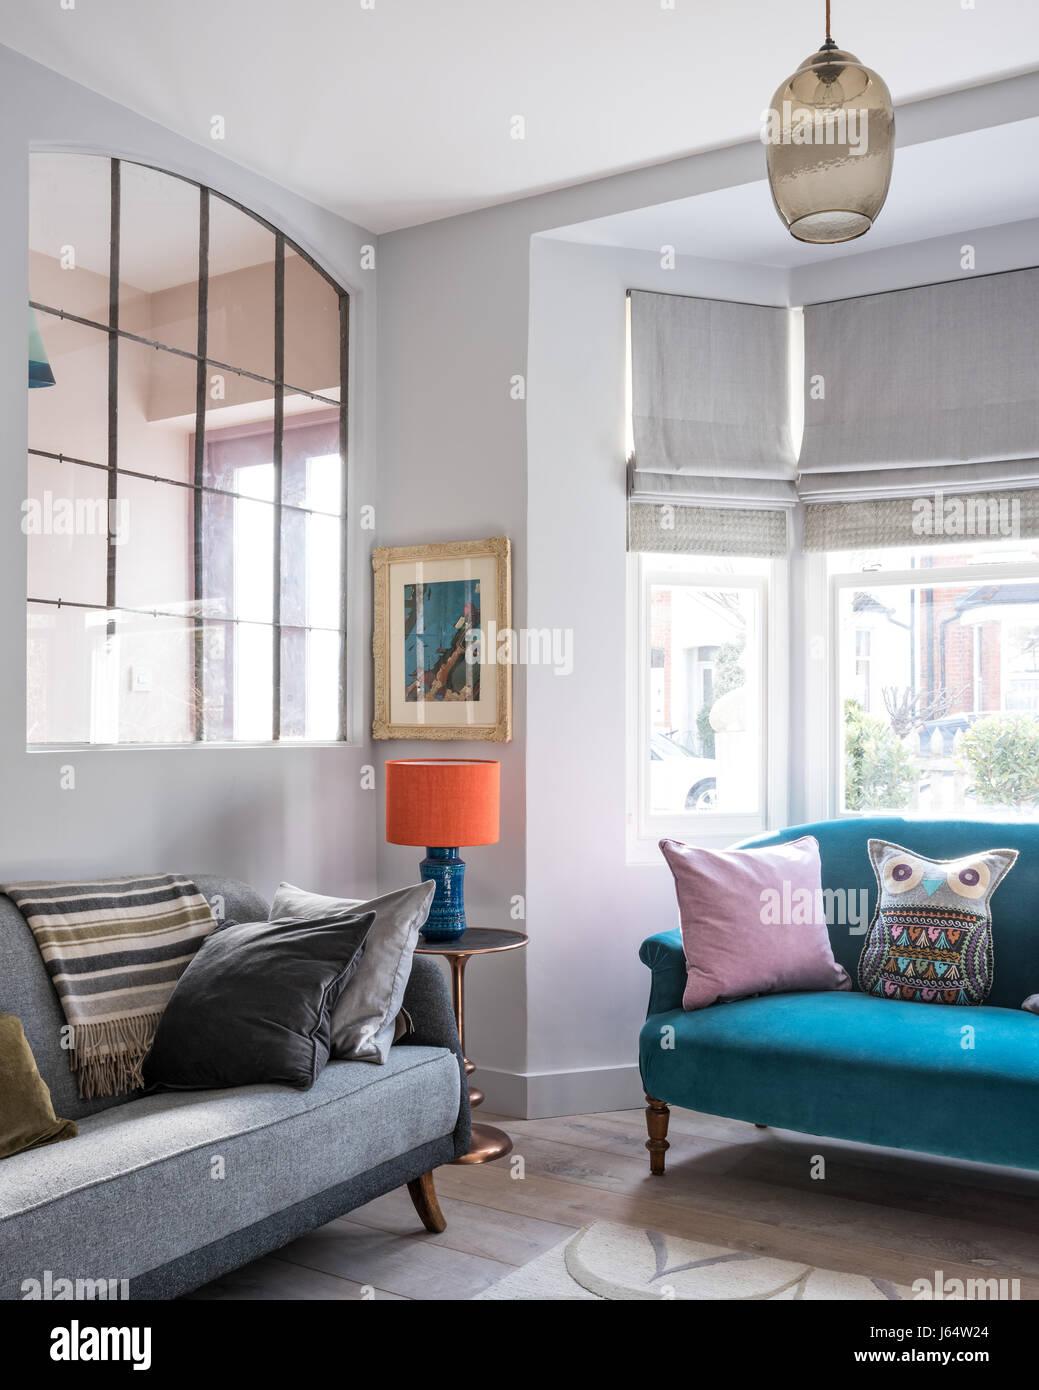 Große Französische Metal Geborgen Fenster Im Wohnzimmer Mit Grauen Vintage  Sofa Aus Französisch Affäre. Der Teppich Ist Allegra Hicks Und Kleines Sofa  ...